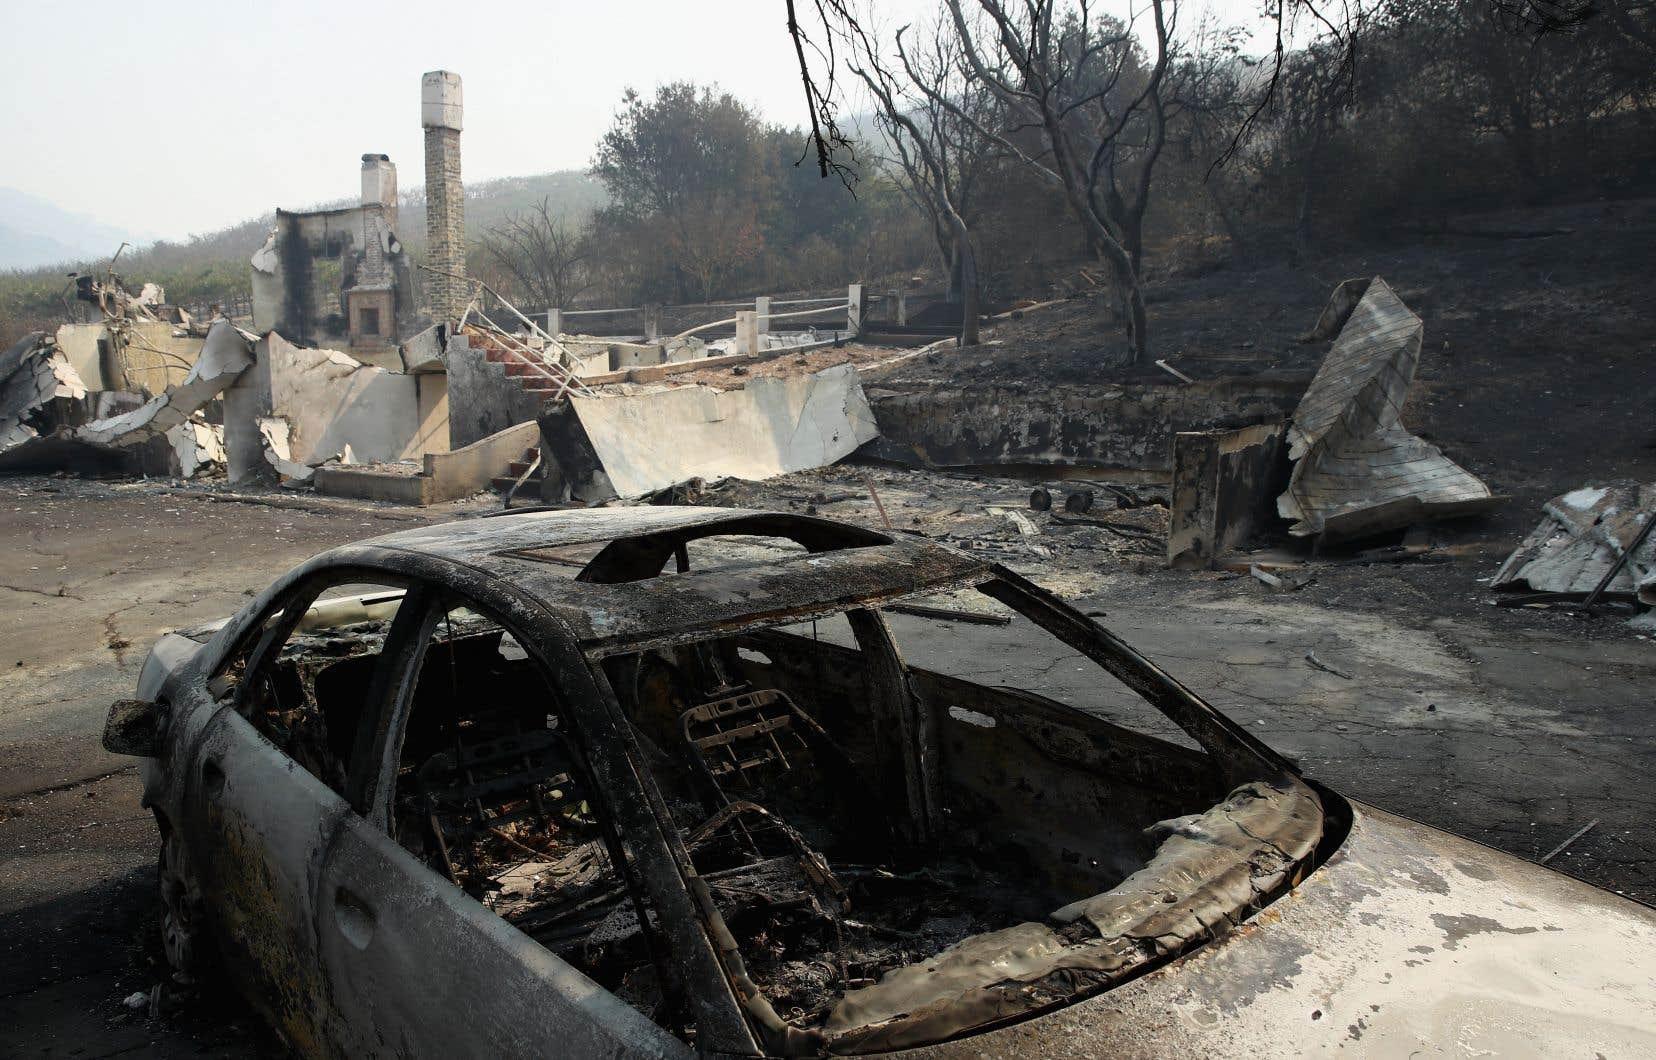 En plus des 15 victimes, au moins 100 personnes ont été blessées à la suite des incendies.